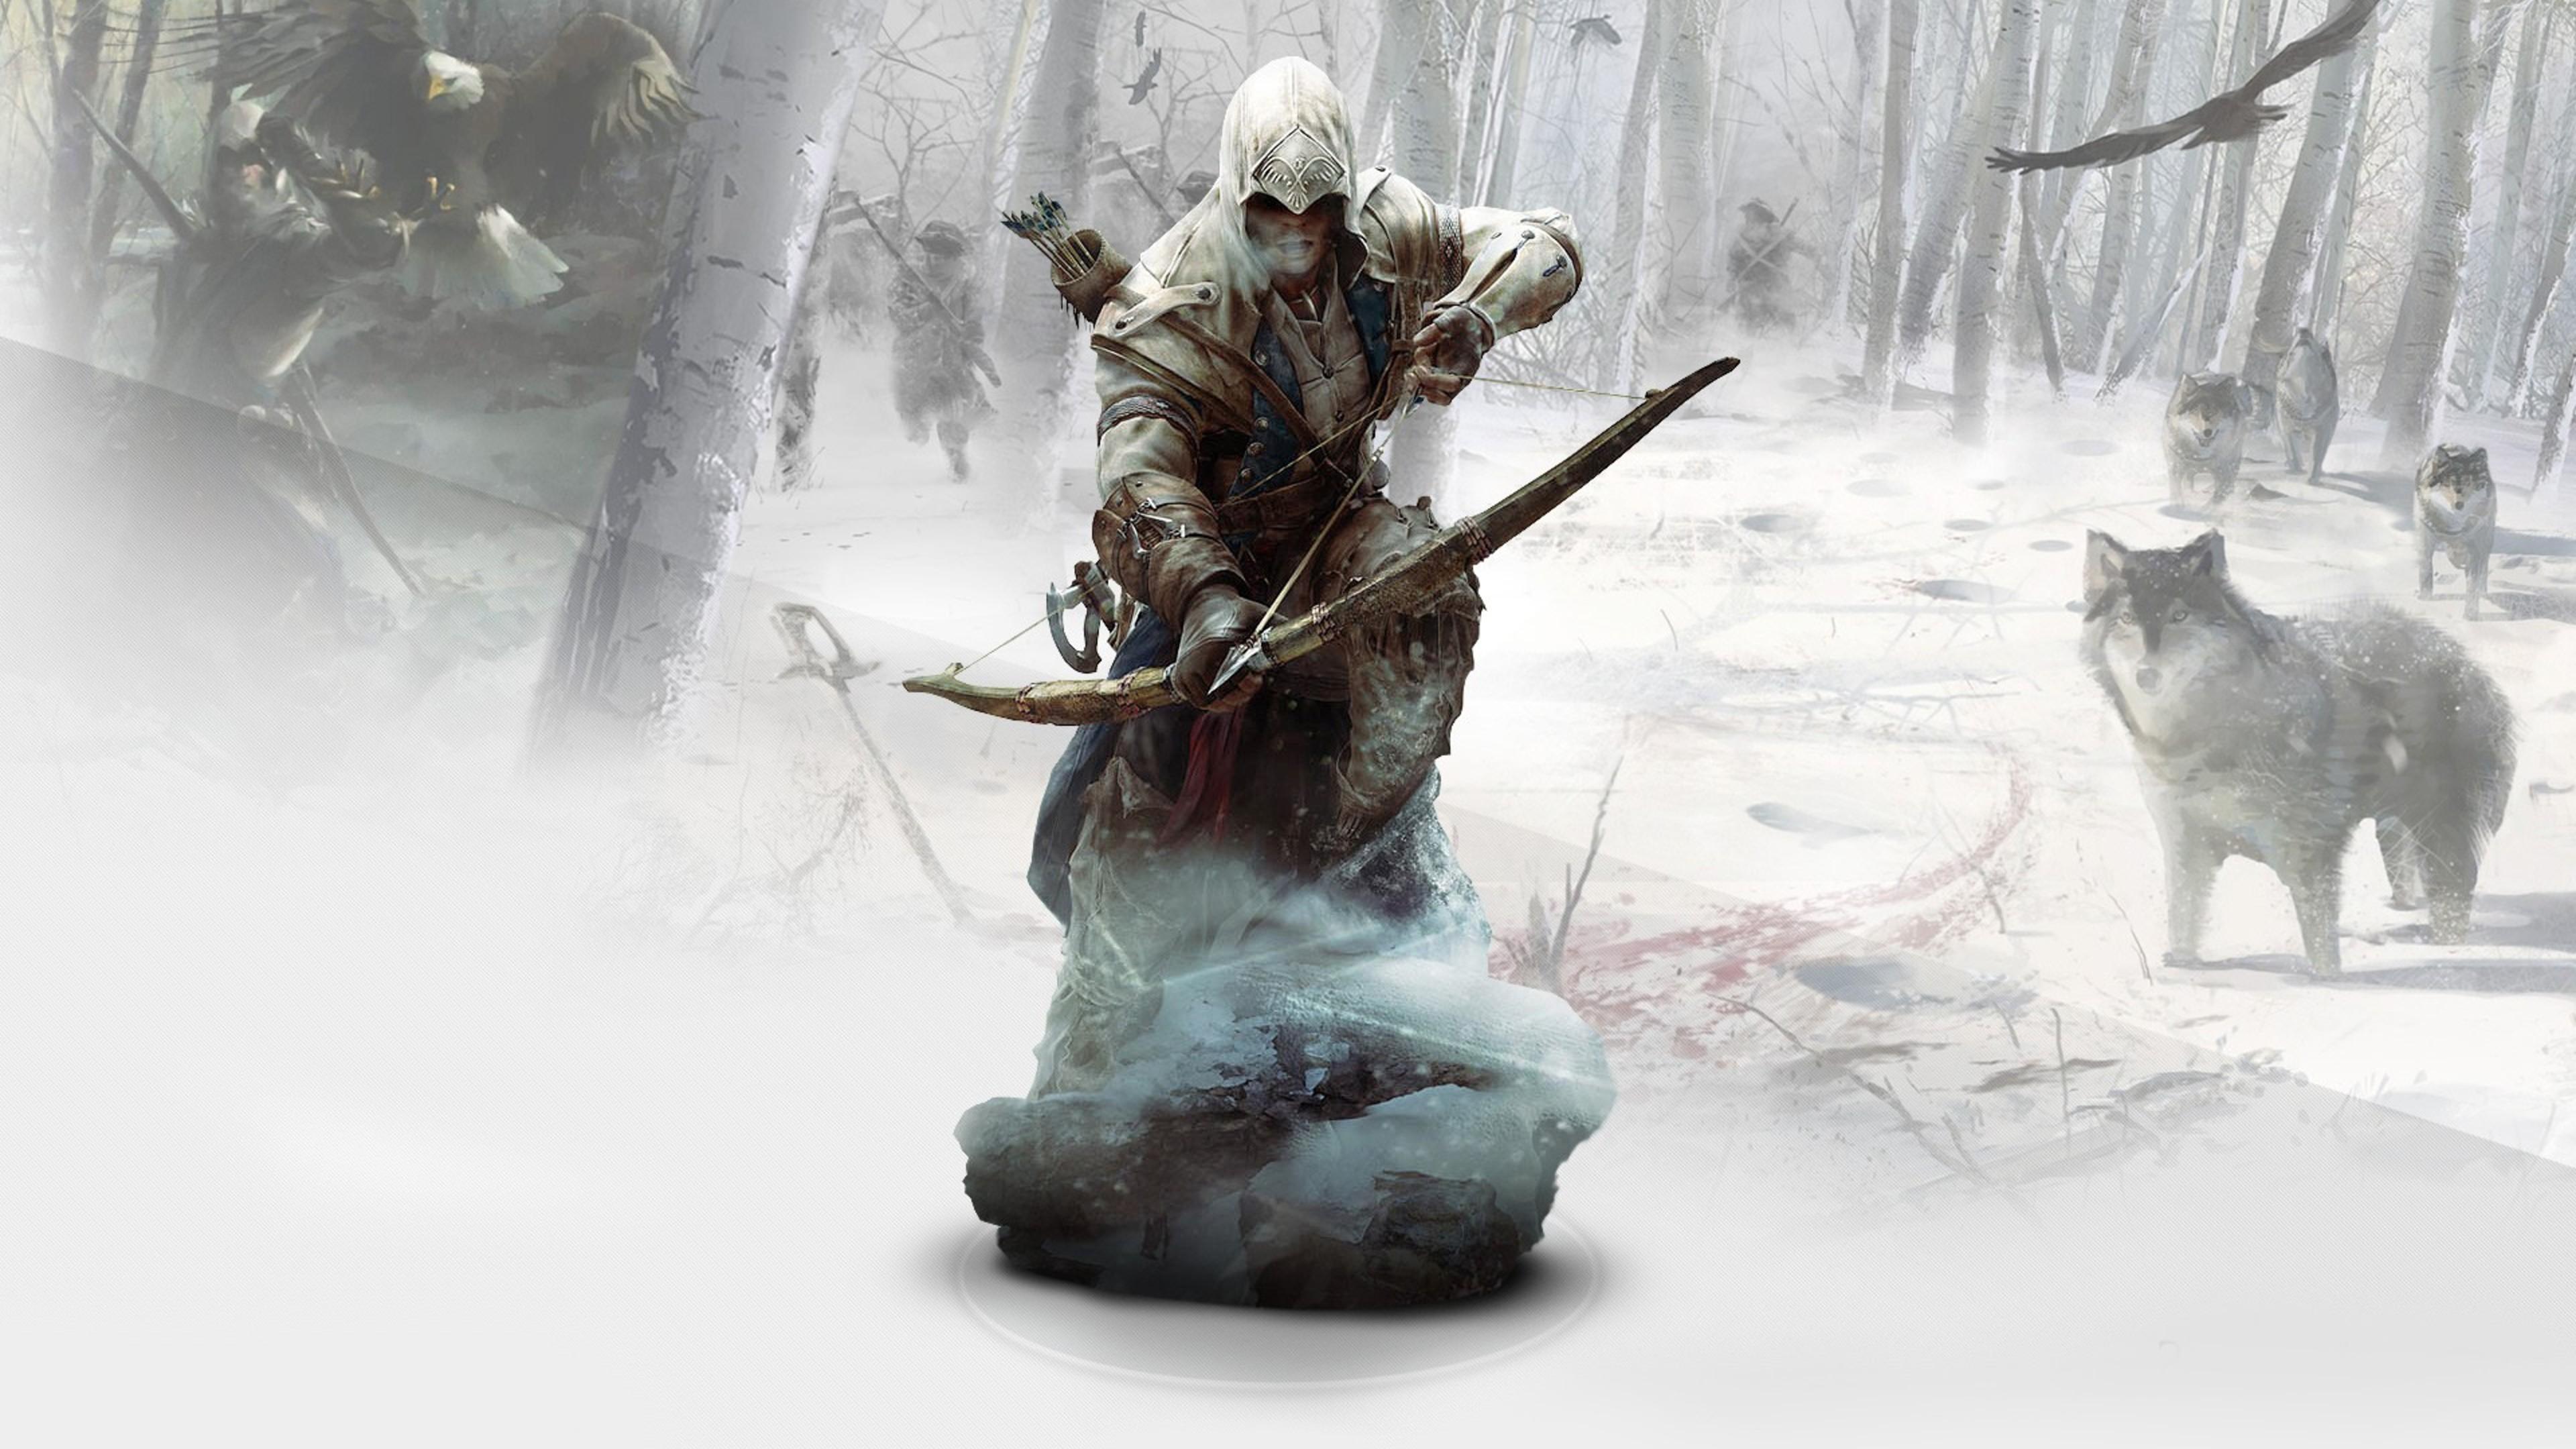 ratonhnkaketon assassins creed 3 4k 1535967223 - Ratonhnkaketon Assassins Creed 3-4k - xbox games wallpapers, ps games wallpapers, pc games wallpapers, games wallpapers, assassins creed wallpapers